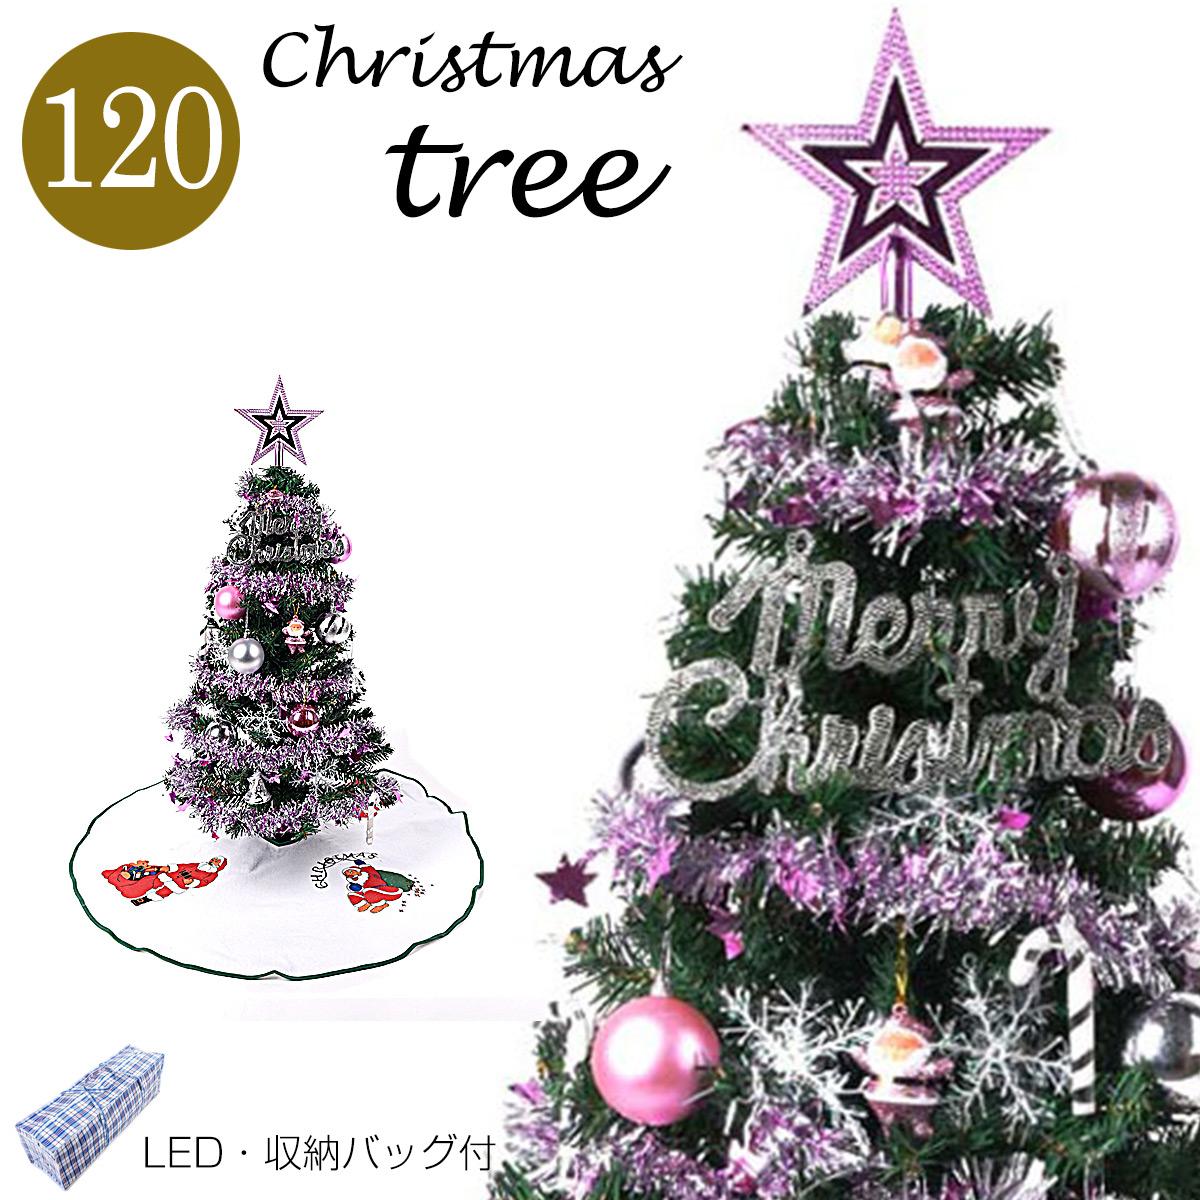 クリスマスツリー 120cm 緑ツリー 桃銀 Green 収納袋 led 付 北欧 おしゃれ オーナメント セット クリスマス ツリー 店舗 家庭 用 deal cm19b